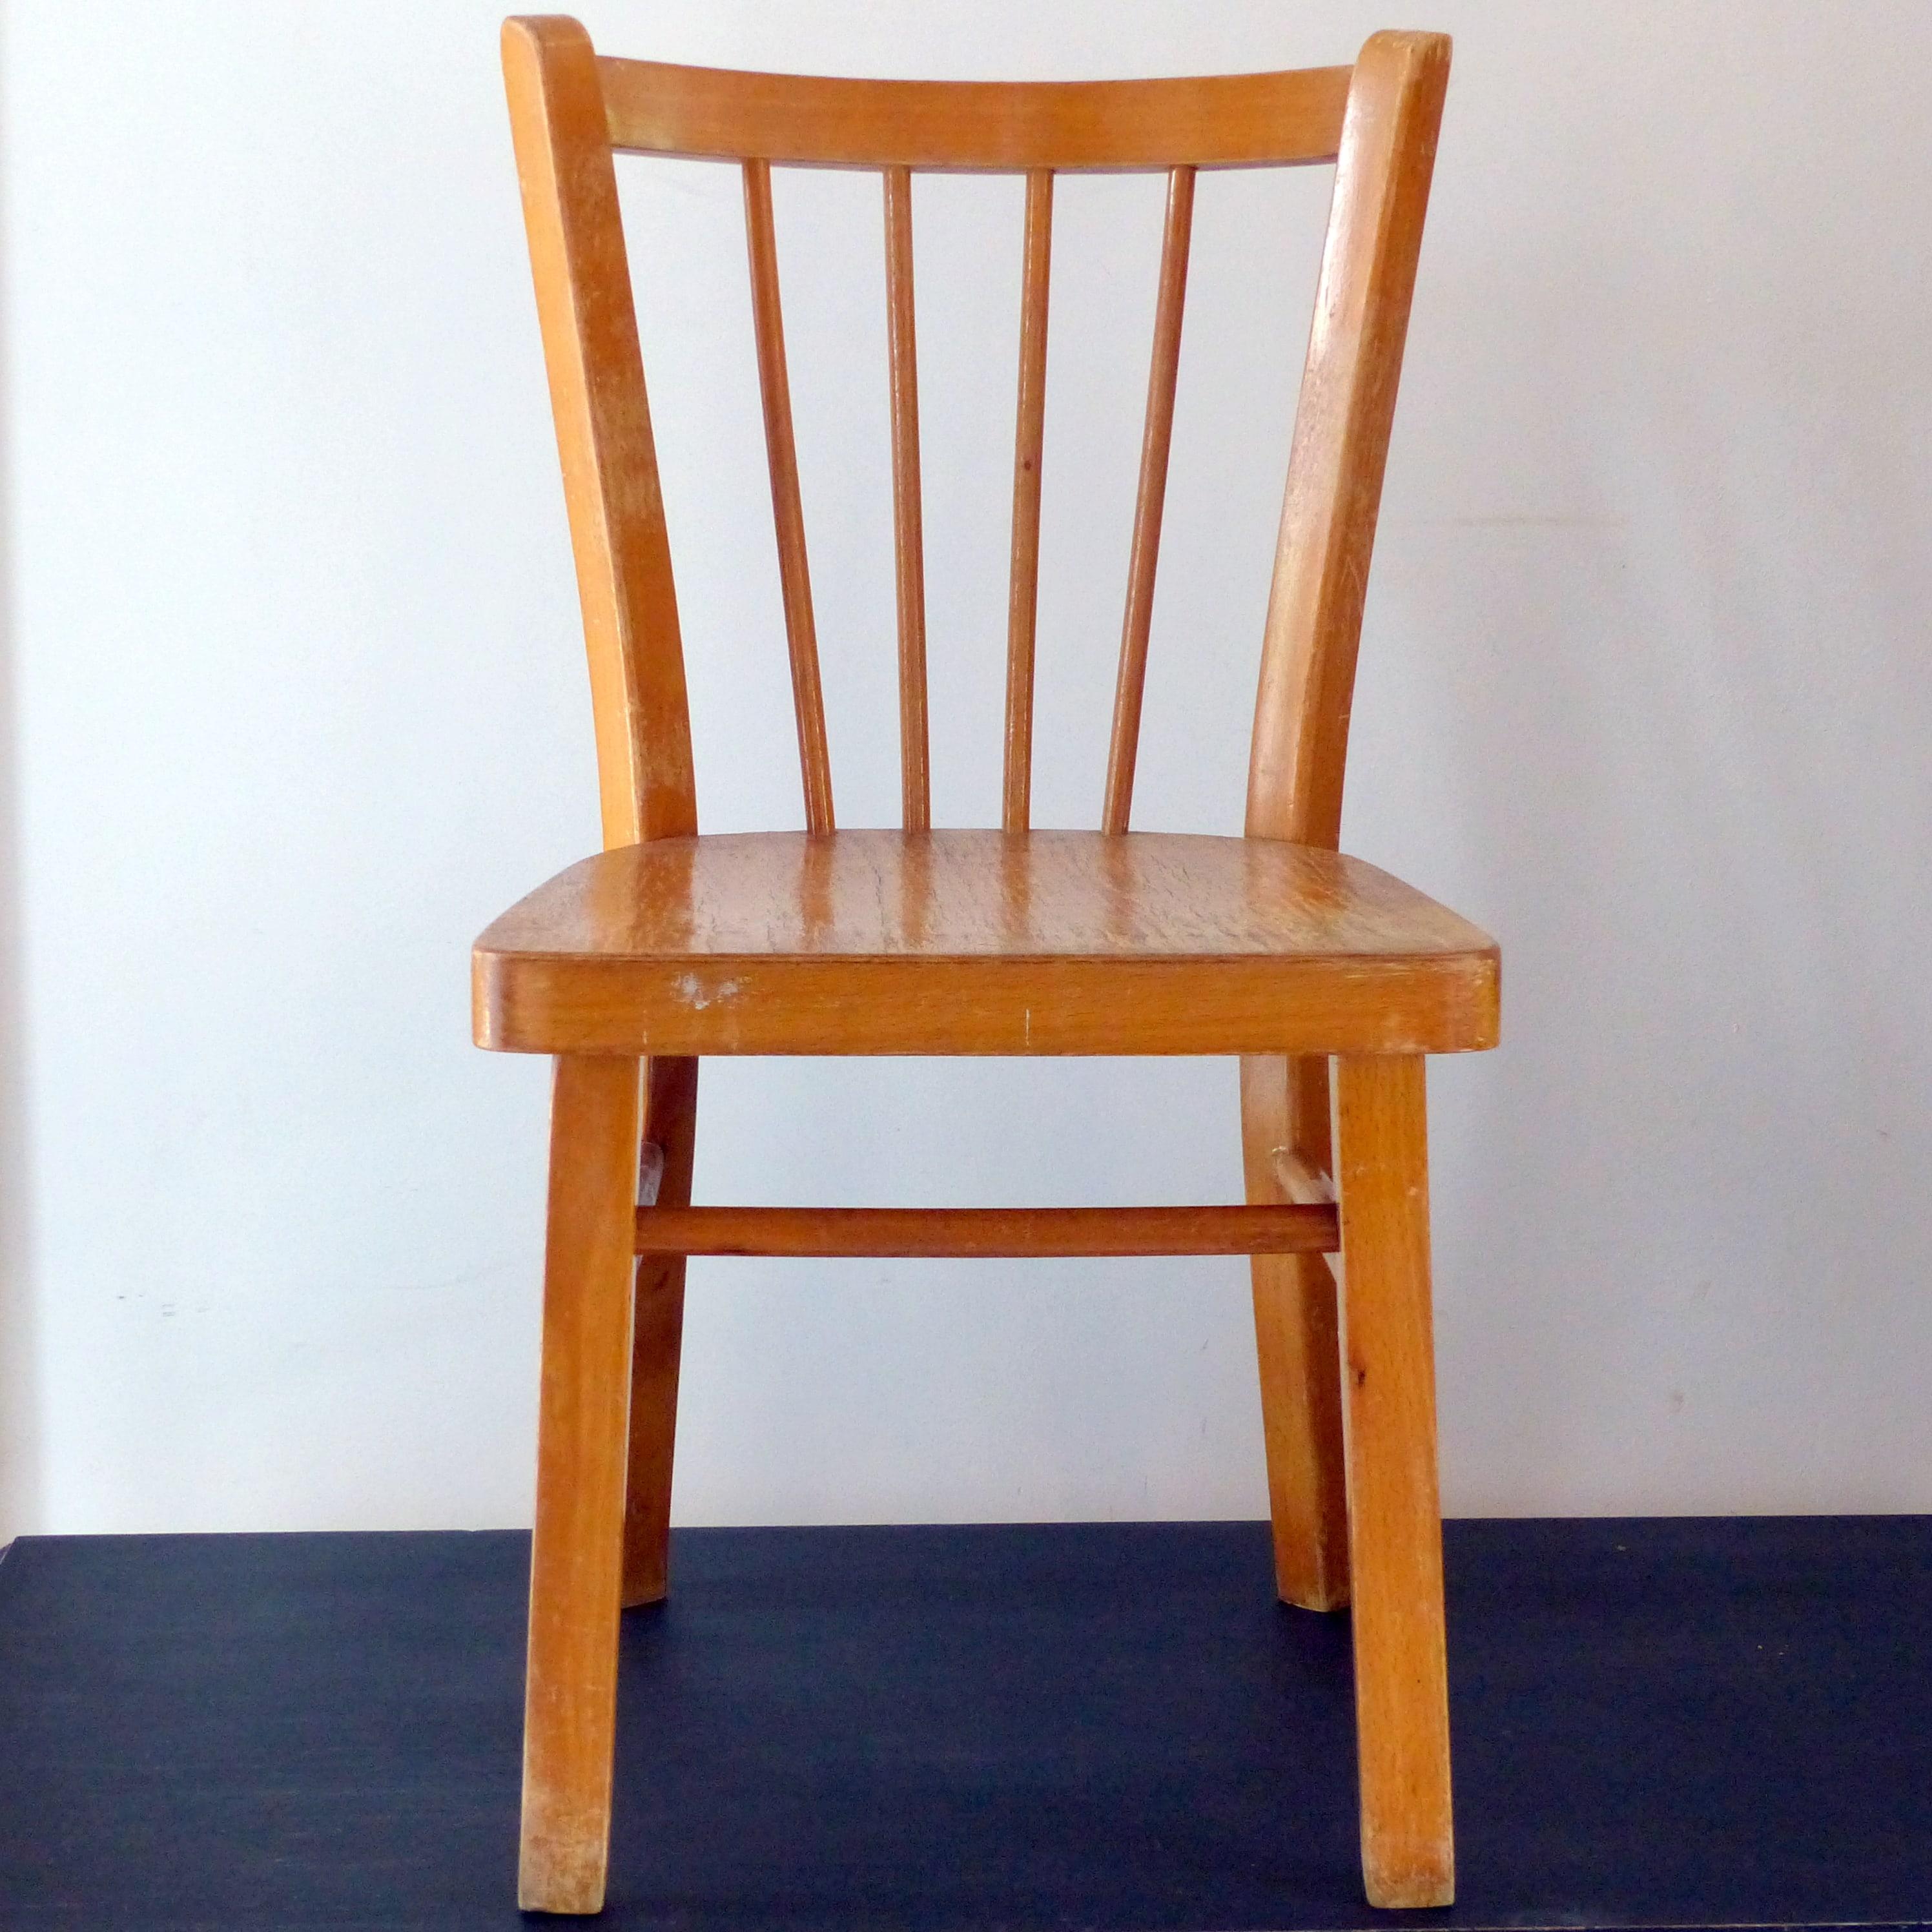 petite chaise bistrot pour enfant lignedebrocante brocante en ligne chine pour vous meubles. Black Bedroom Furniture Sets. Home Design Ideas